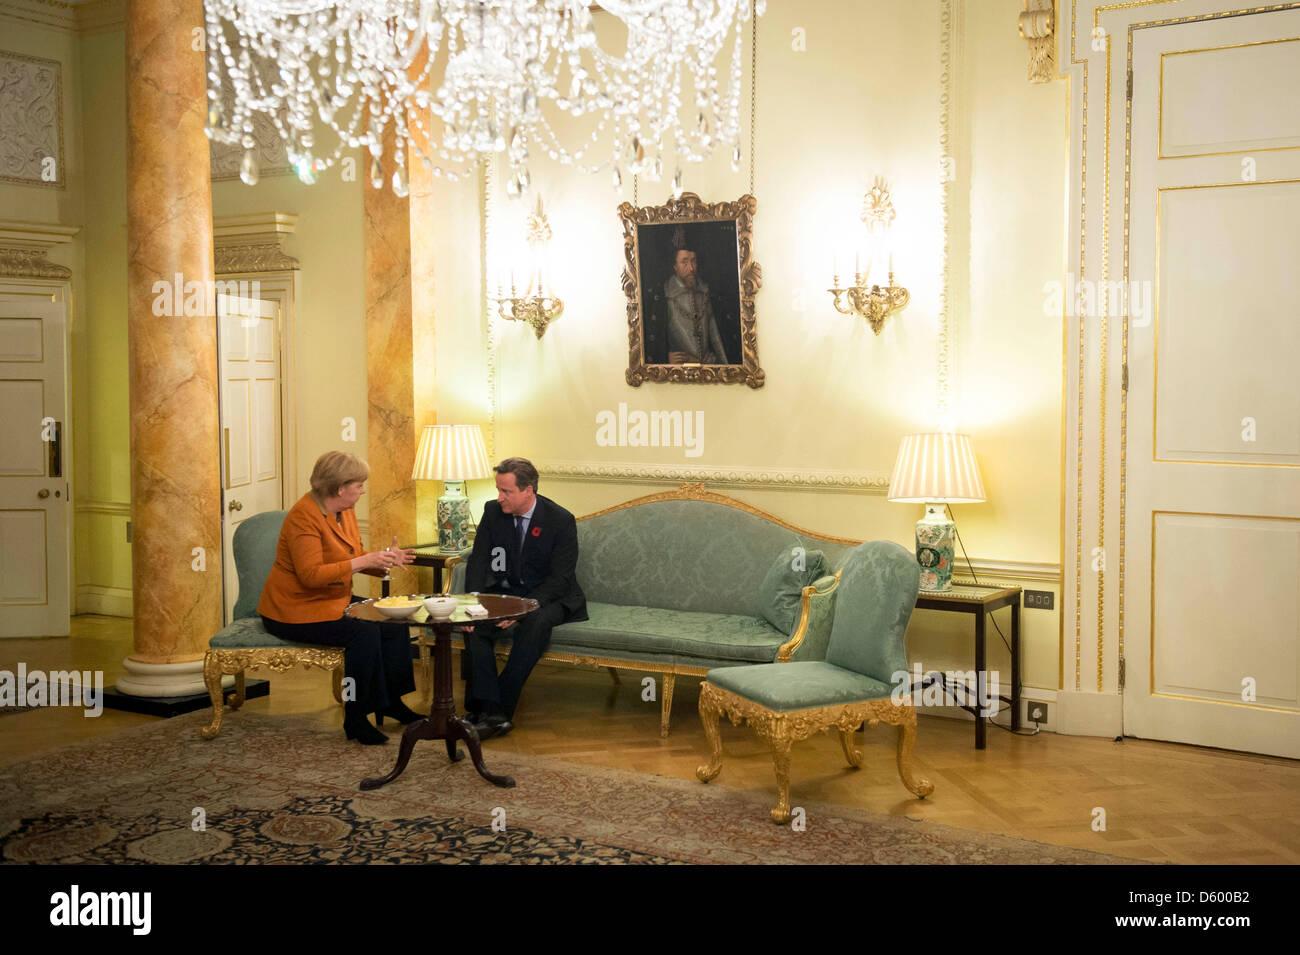 HANDOUT- Bundeskanzlerin Angela Merkel und der britische Premierminister David Cameron unterhalten sich am - Stock Image